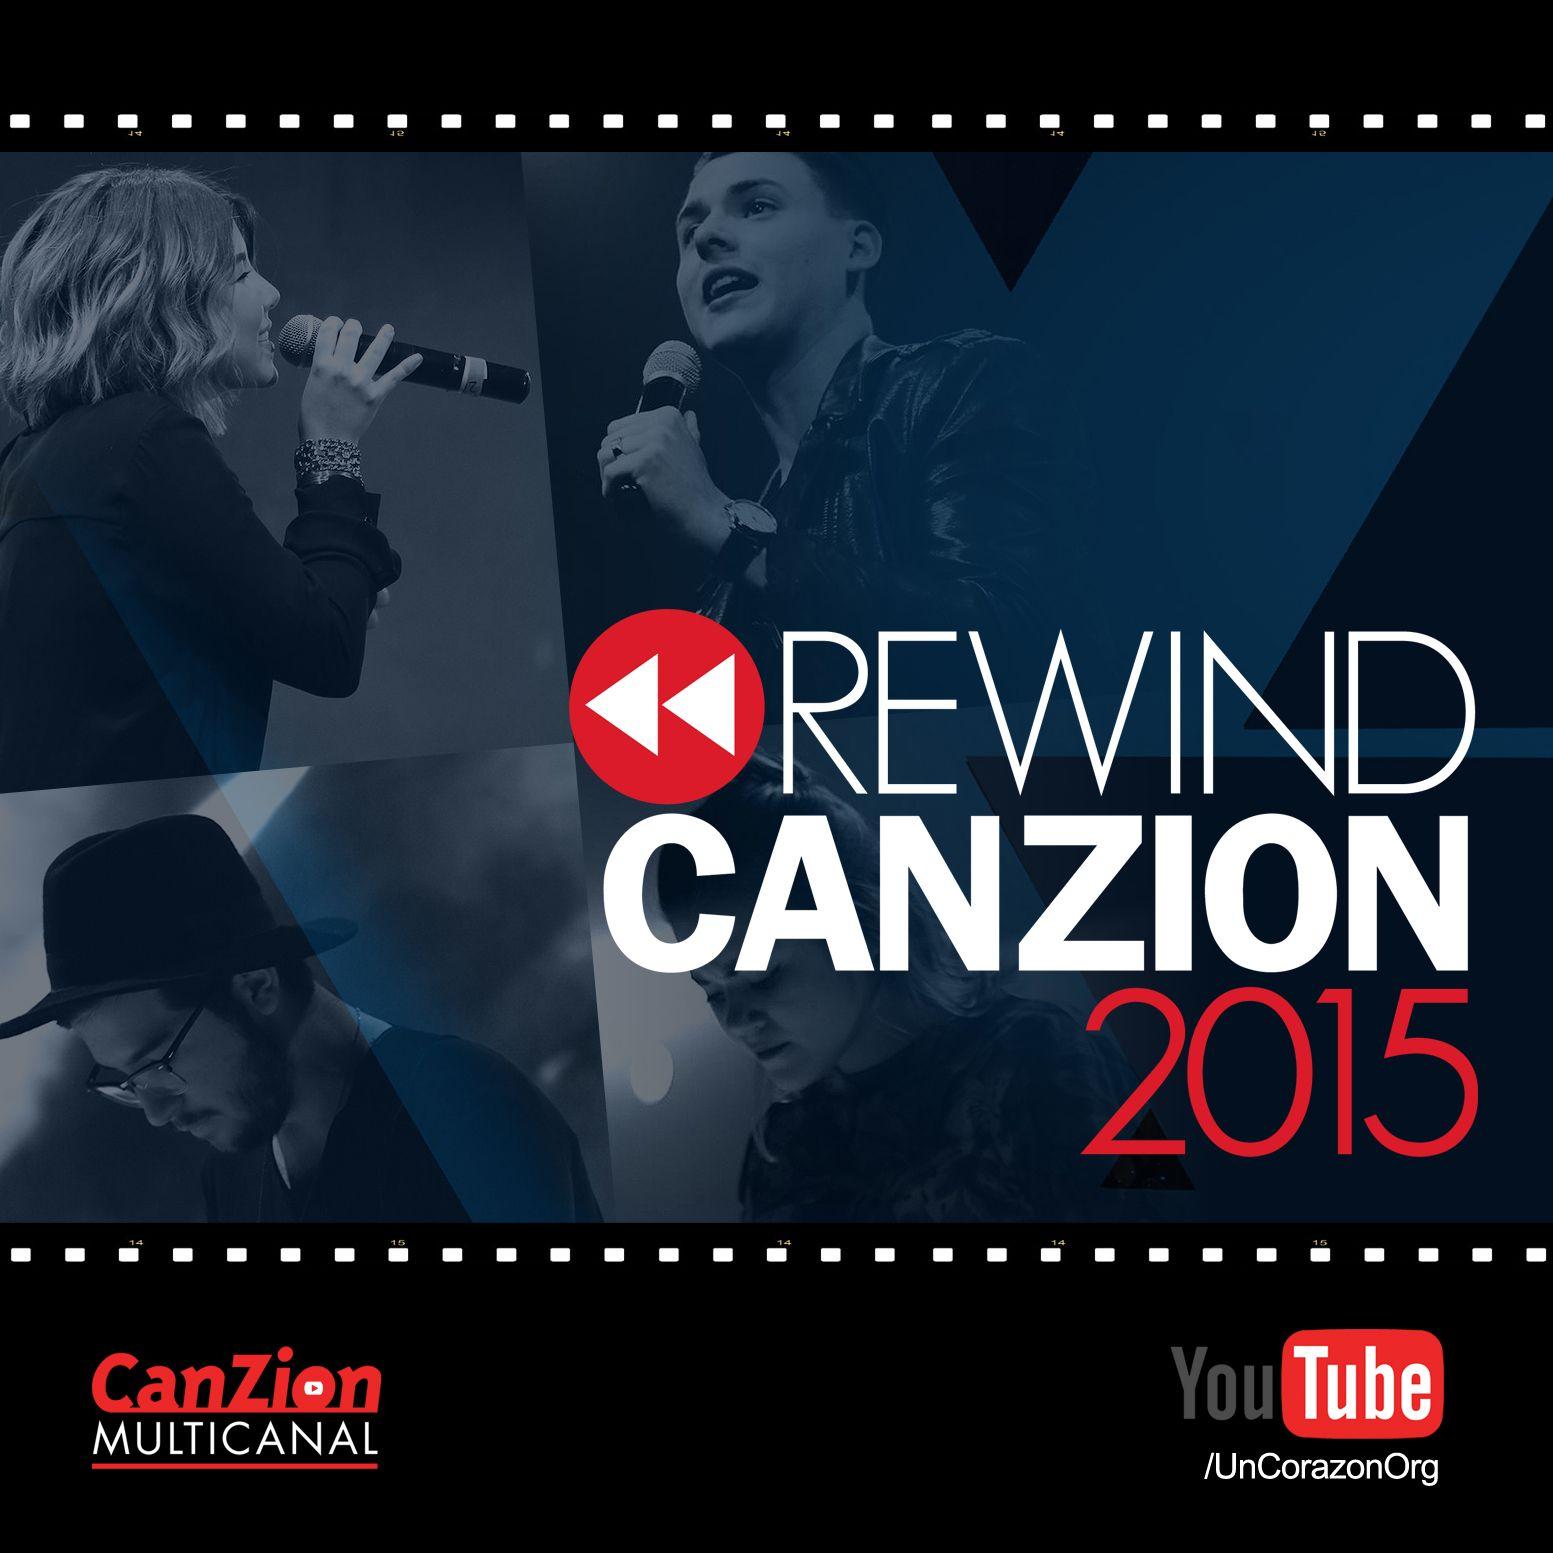 Queremos compartir contigo el lanzamiento del #RewindCanzion2015. En este resumen podrás disfrutar de contenidos #destacados de #UnCorazón y más salmistas por la #RedMulticanalCanZion ➜ http://bit.ly/1jYvILR